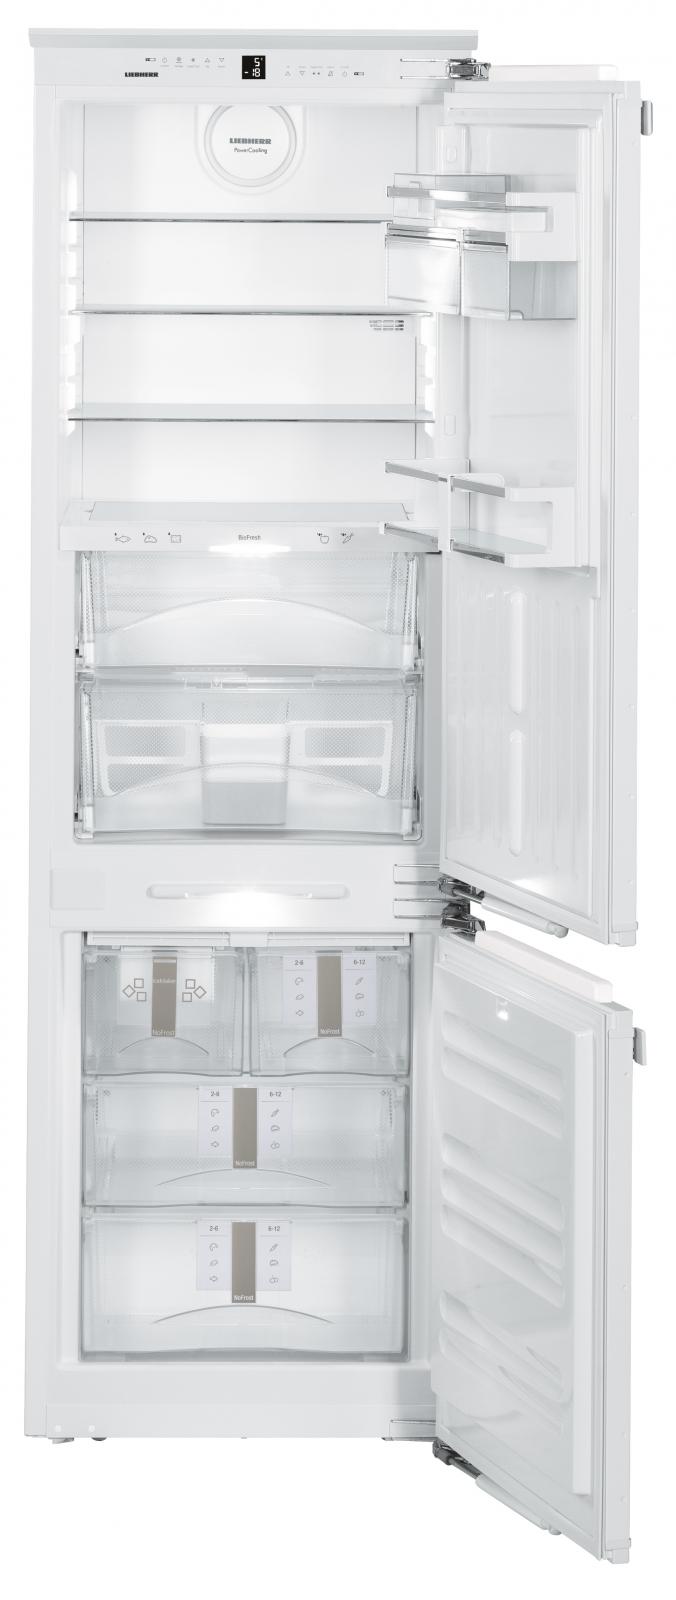 купить Встраиваемый двухкамерный холодильник Liebherr ICBN 3386 Украина фото 1